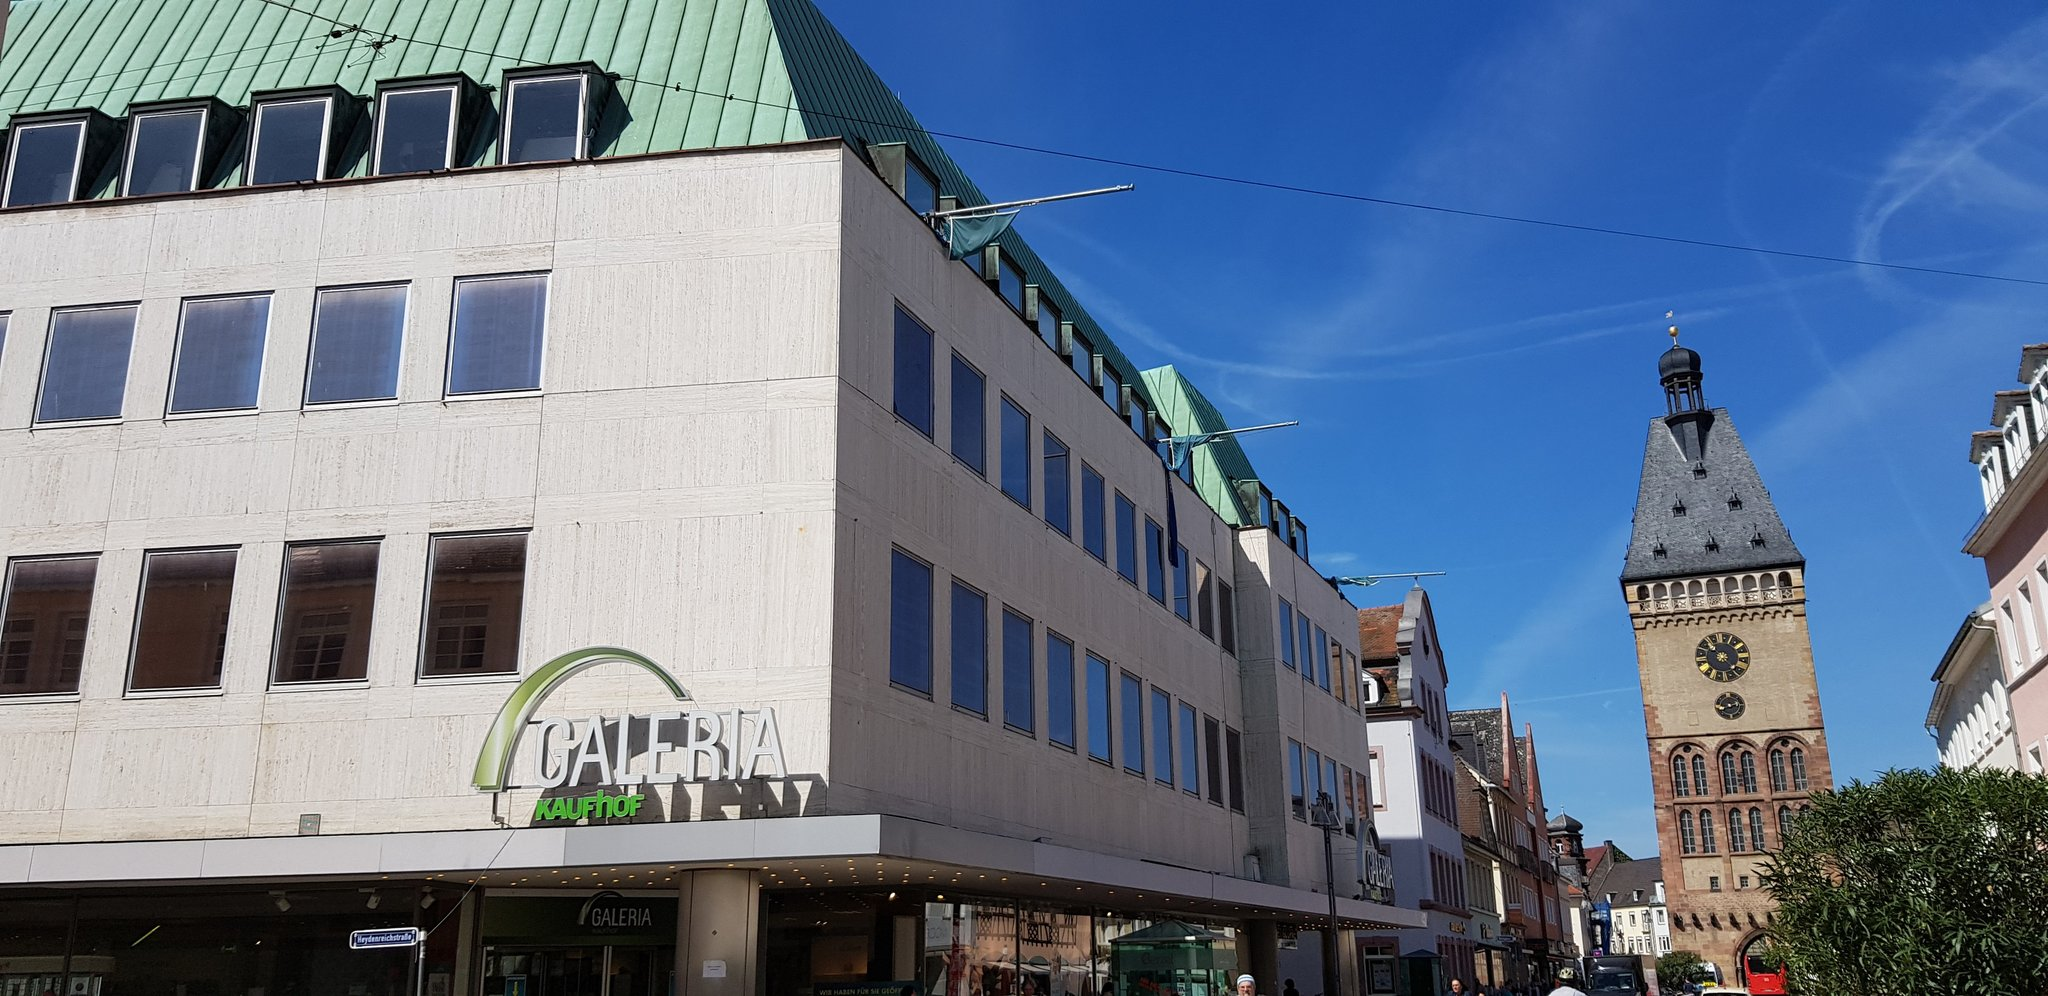 Karlsruhe Karstadt